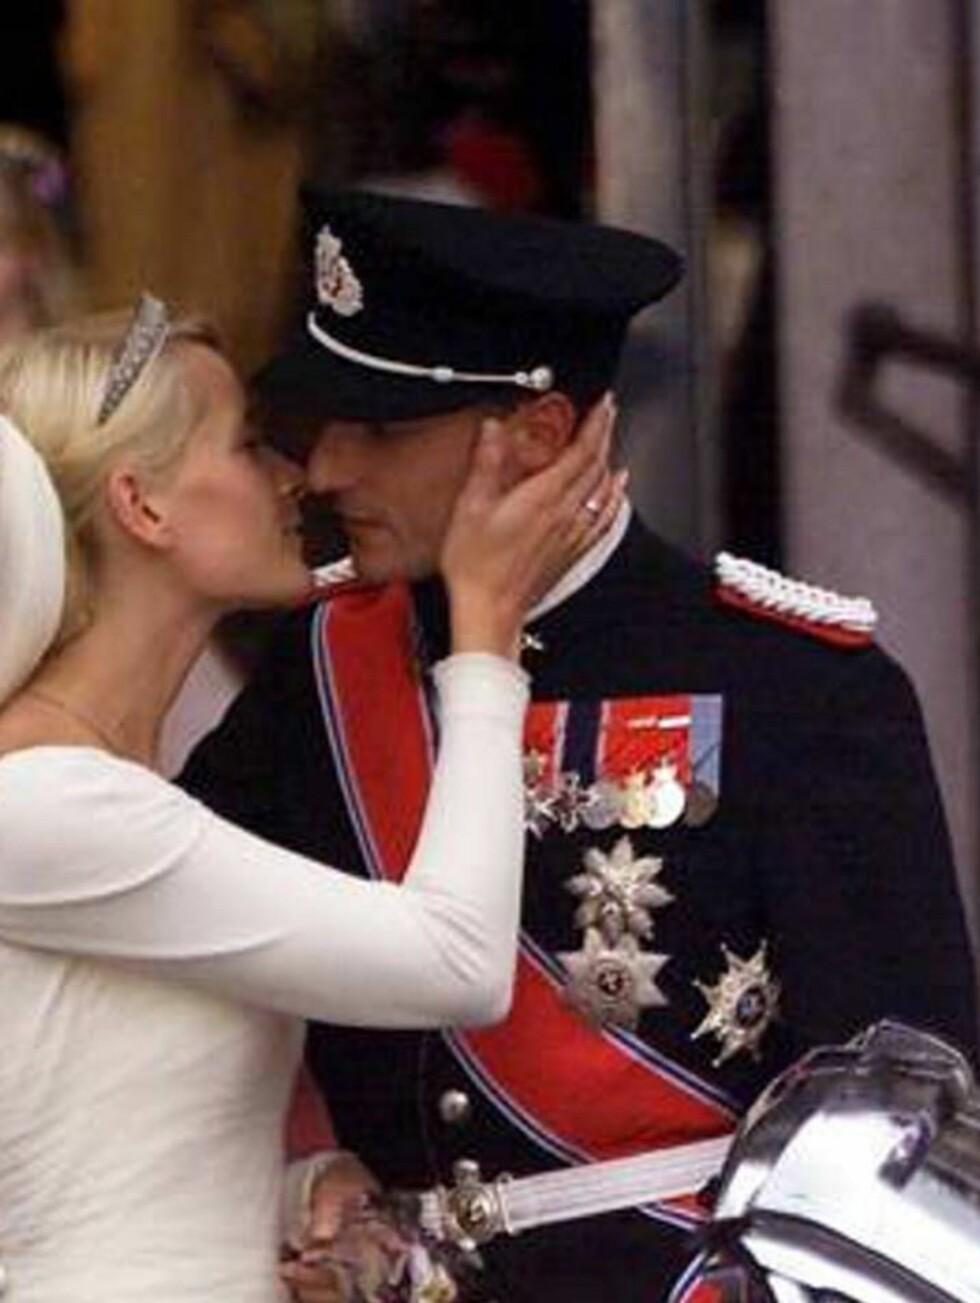 TIDEN FLYR: Det er allerede gått fem år siden kronprinsparet ga hverandre sitt ja. Foto: NUNN Syndication